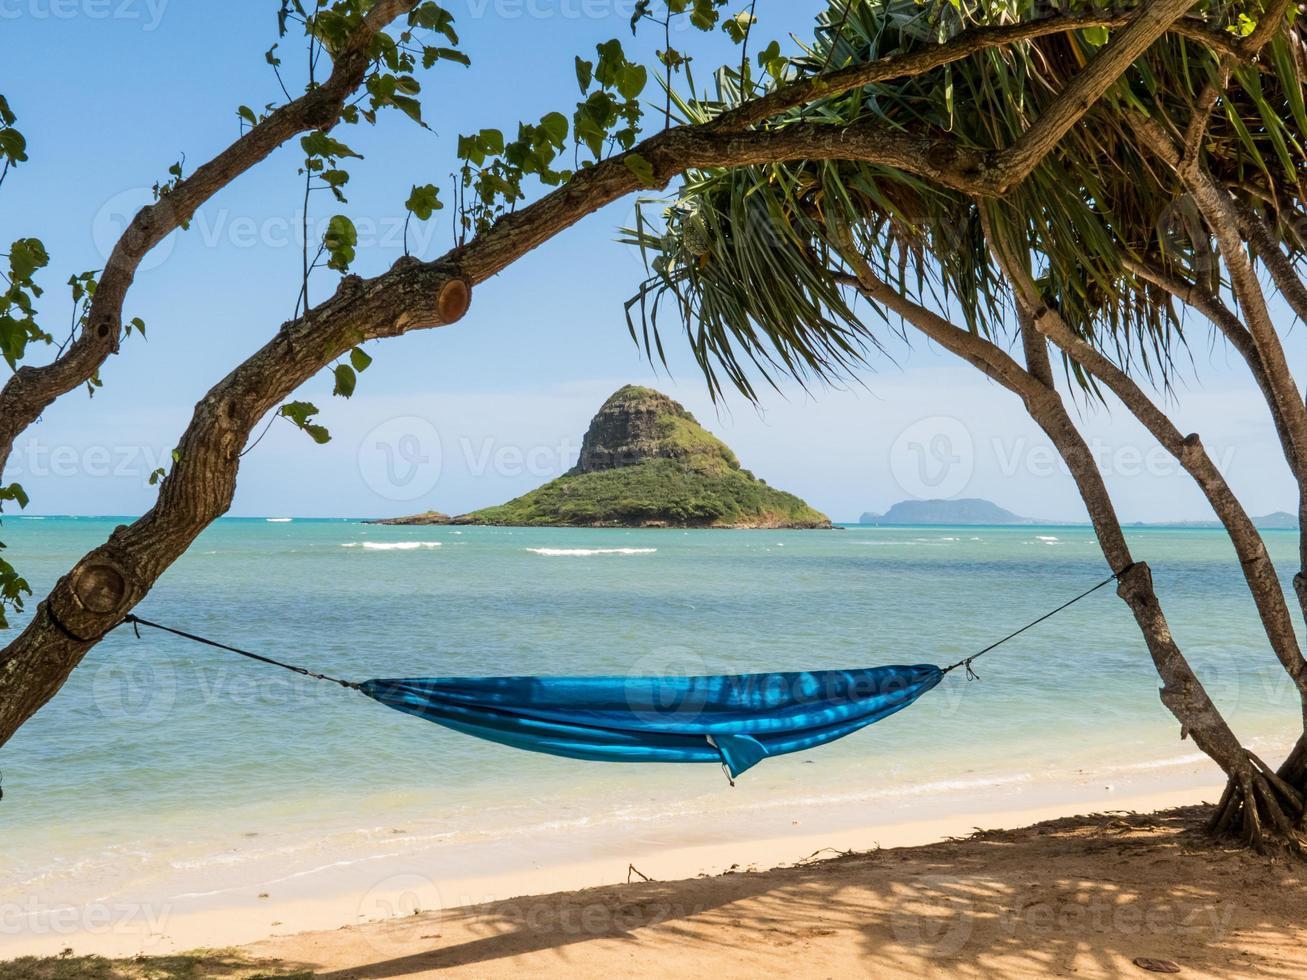 estilo de vida hawaii foto